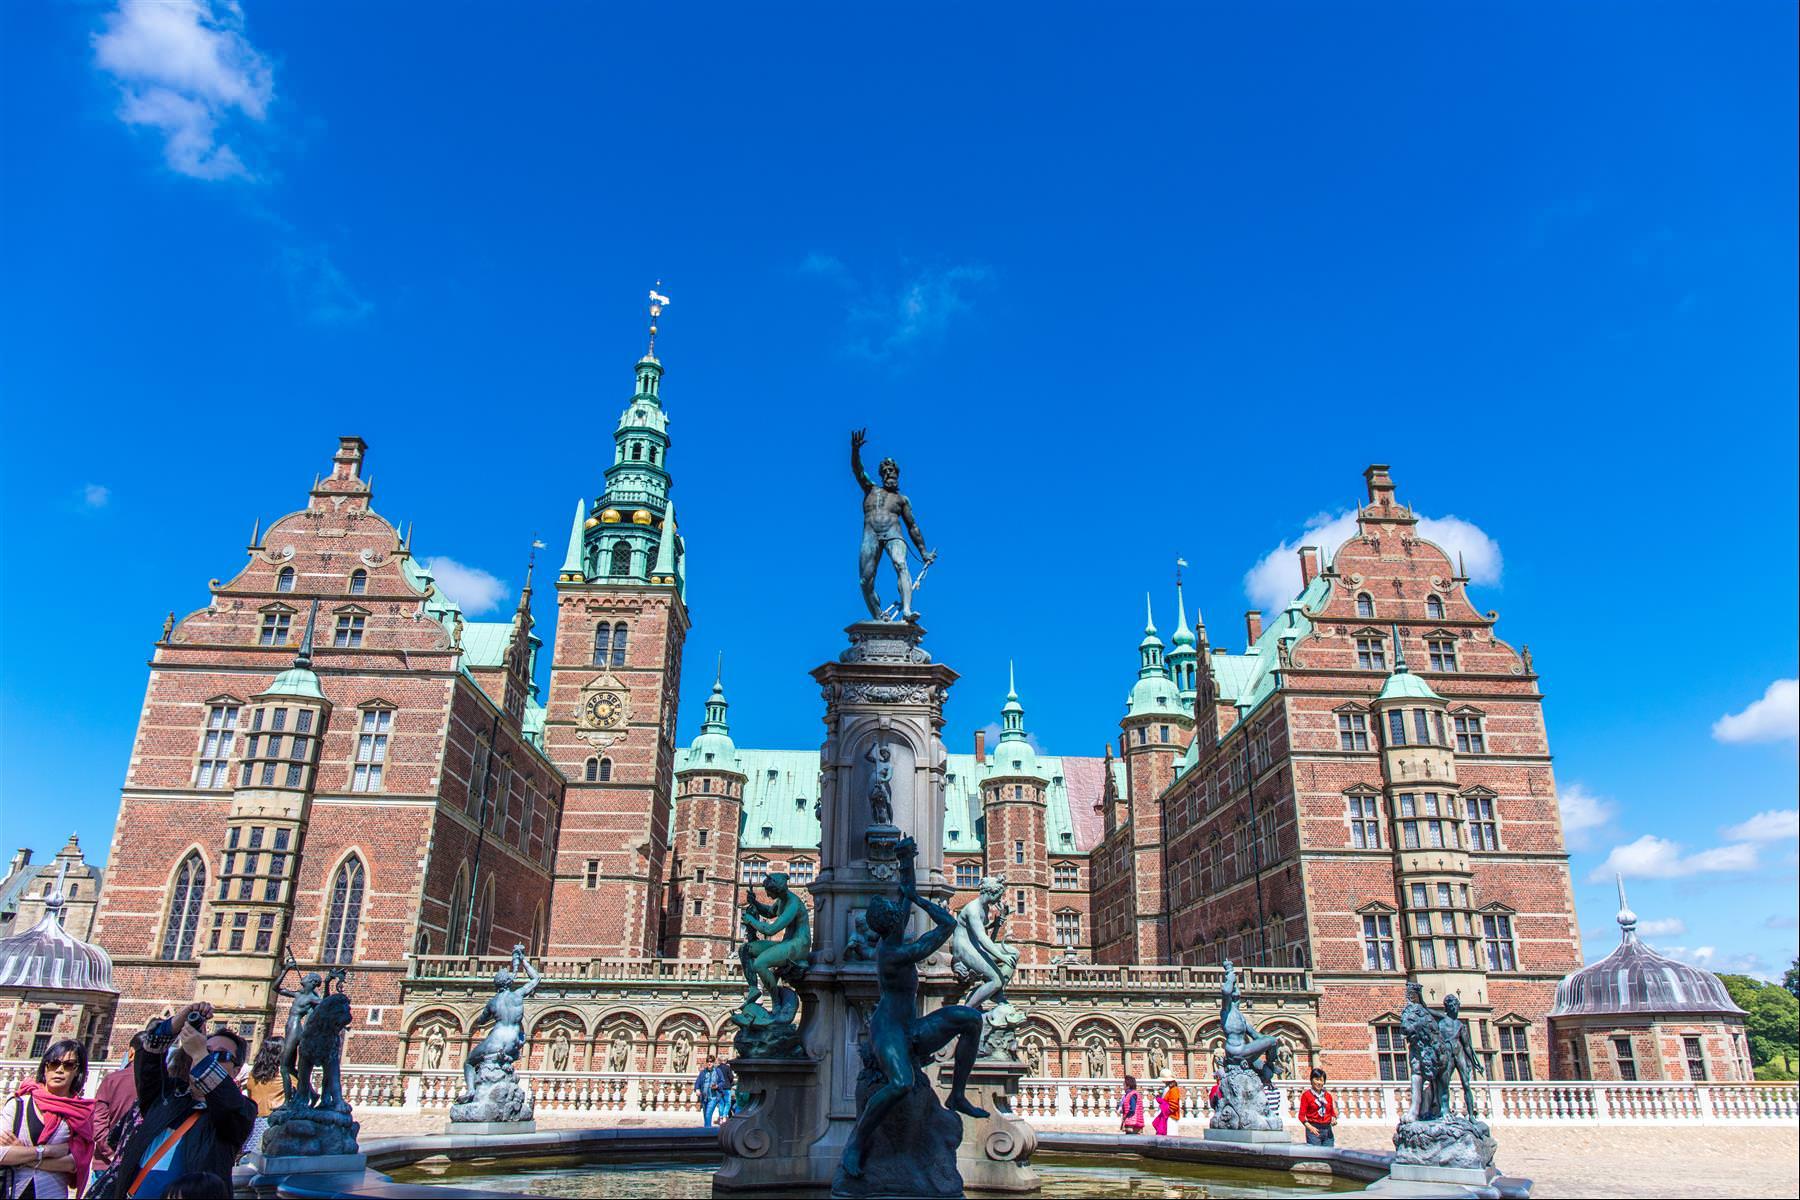 腓特烈堡 Frederiksborg Slot